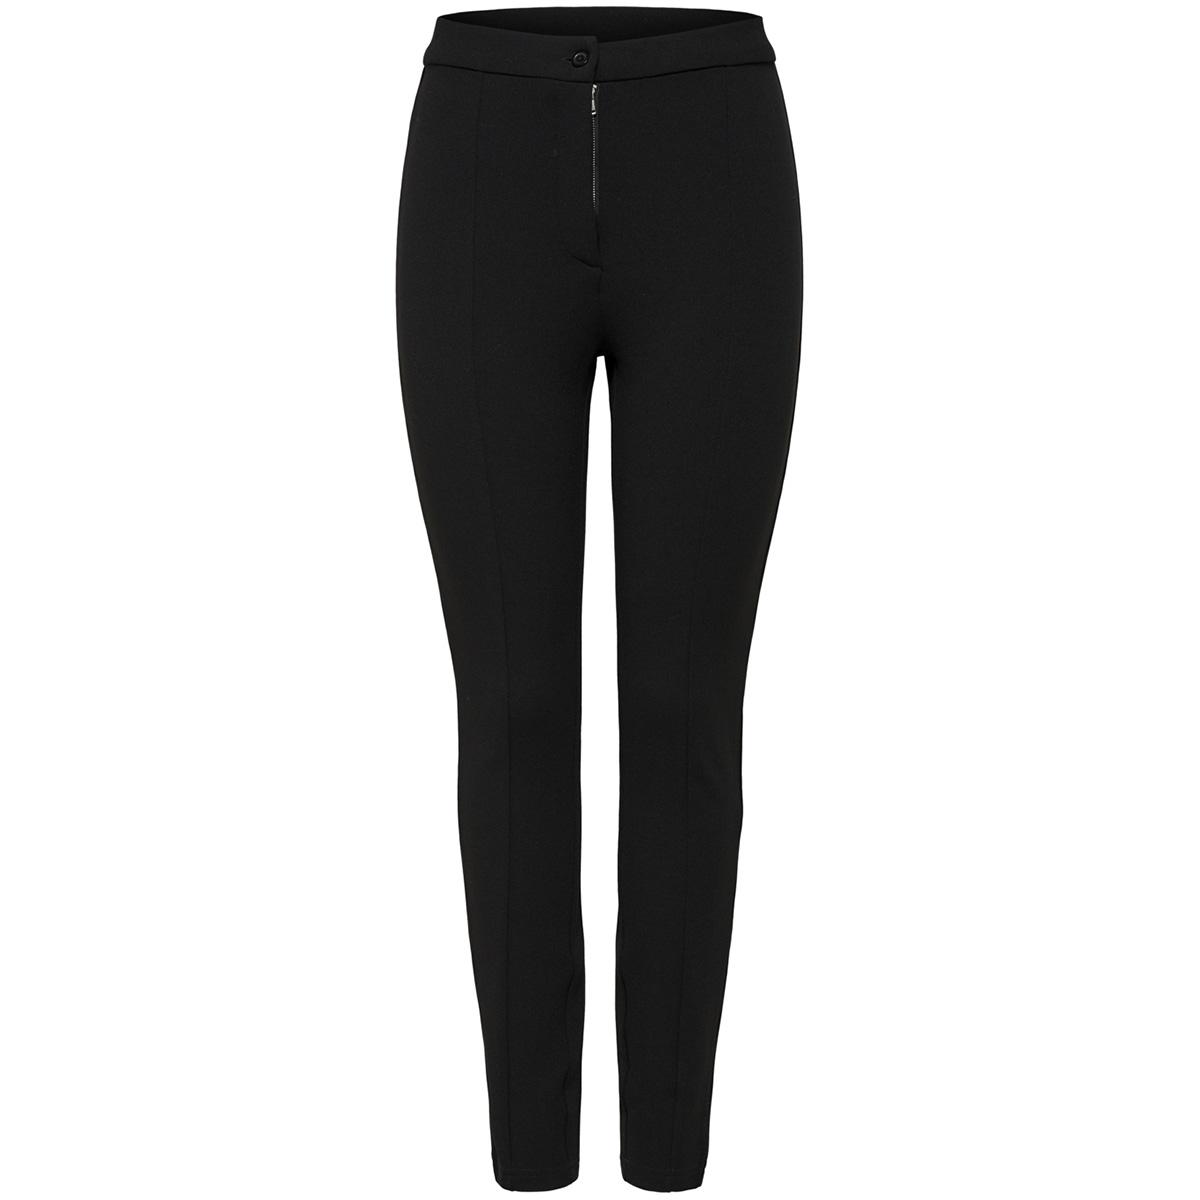 jdygro leggings jrs 15164887 jacqueline de yong legging black/dtm button